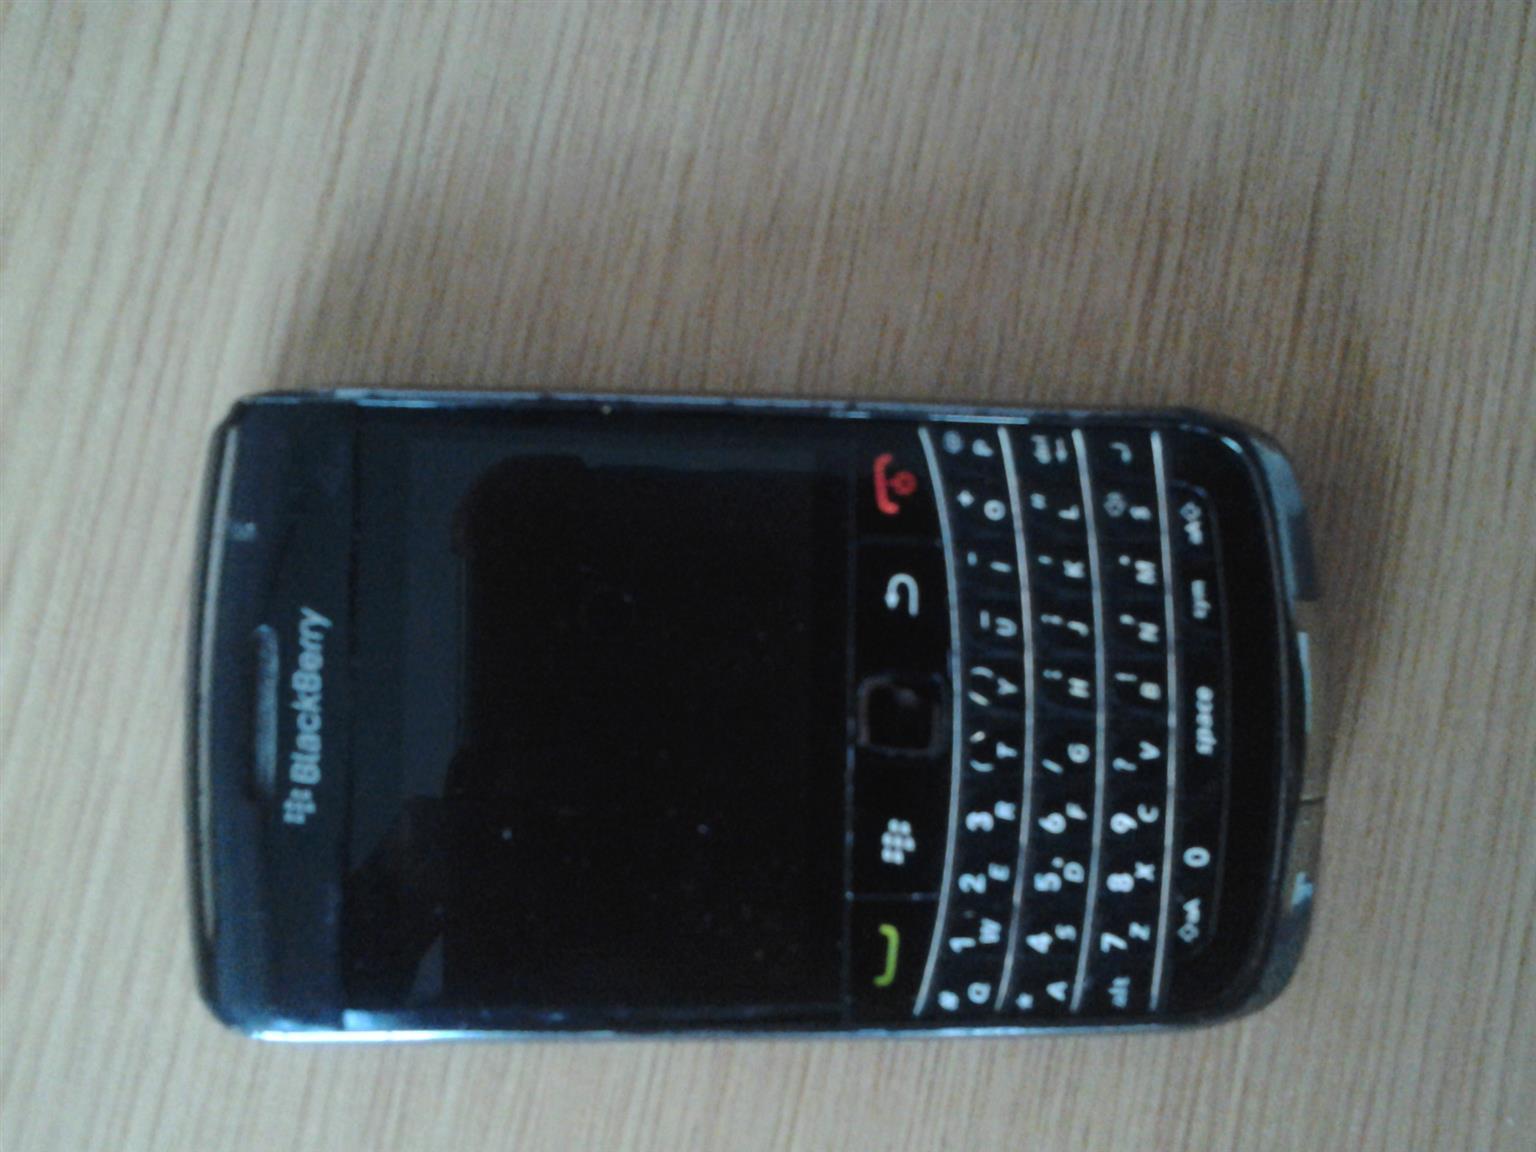 Faulty Blackberry 9780 Bold